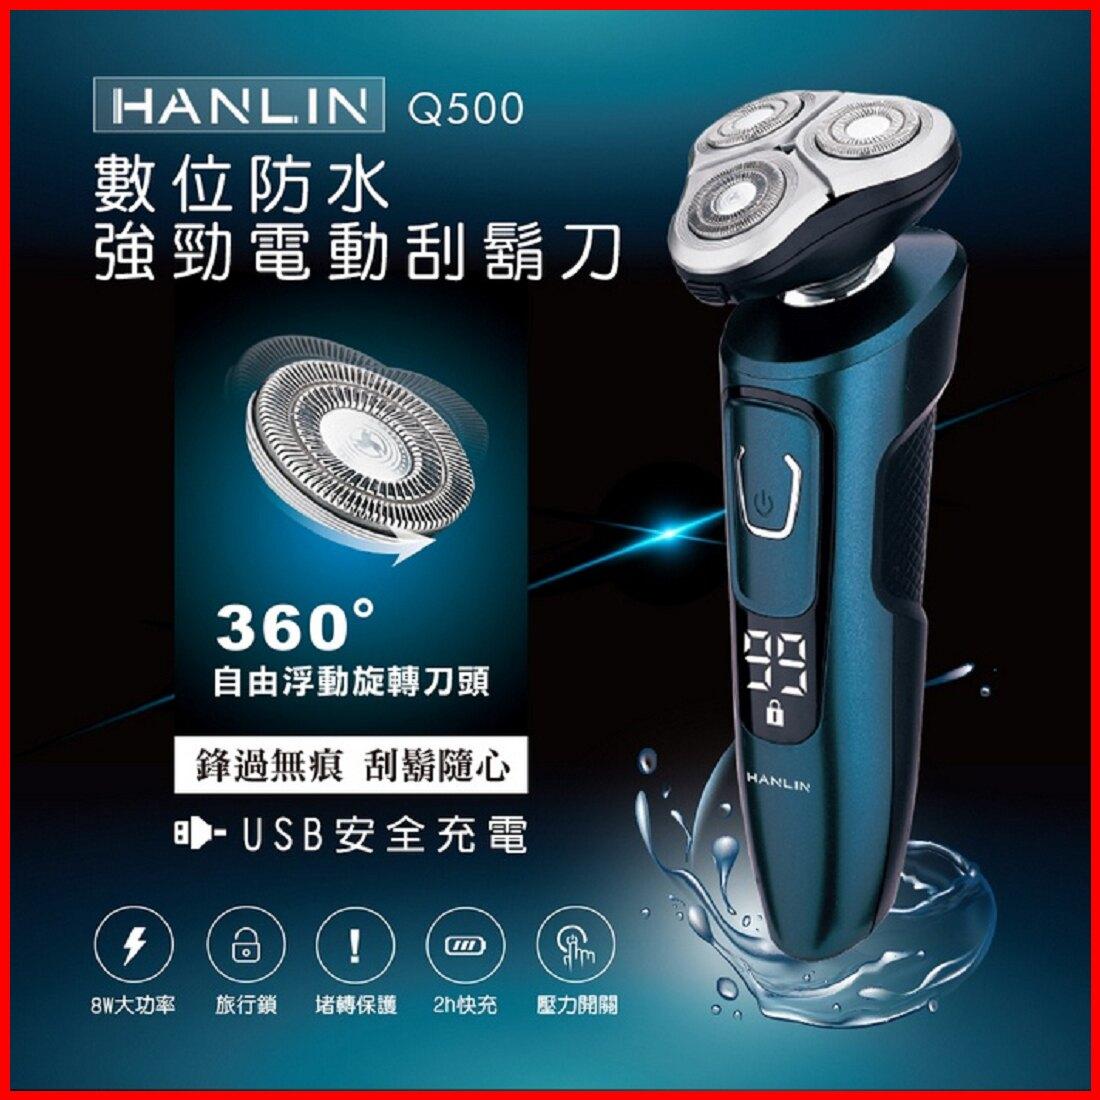 HANLIN-Q500 數位強勁4D電動刮鬍刀 防水7級機身可水洗 智能防夾三刀頭 乾濕充插兩用 數位液晶數字顯示